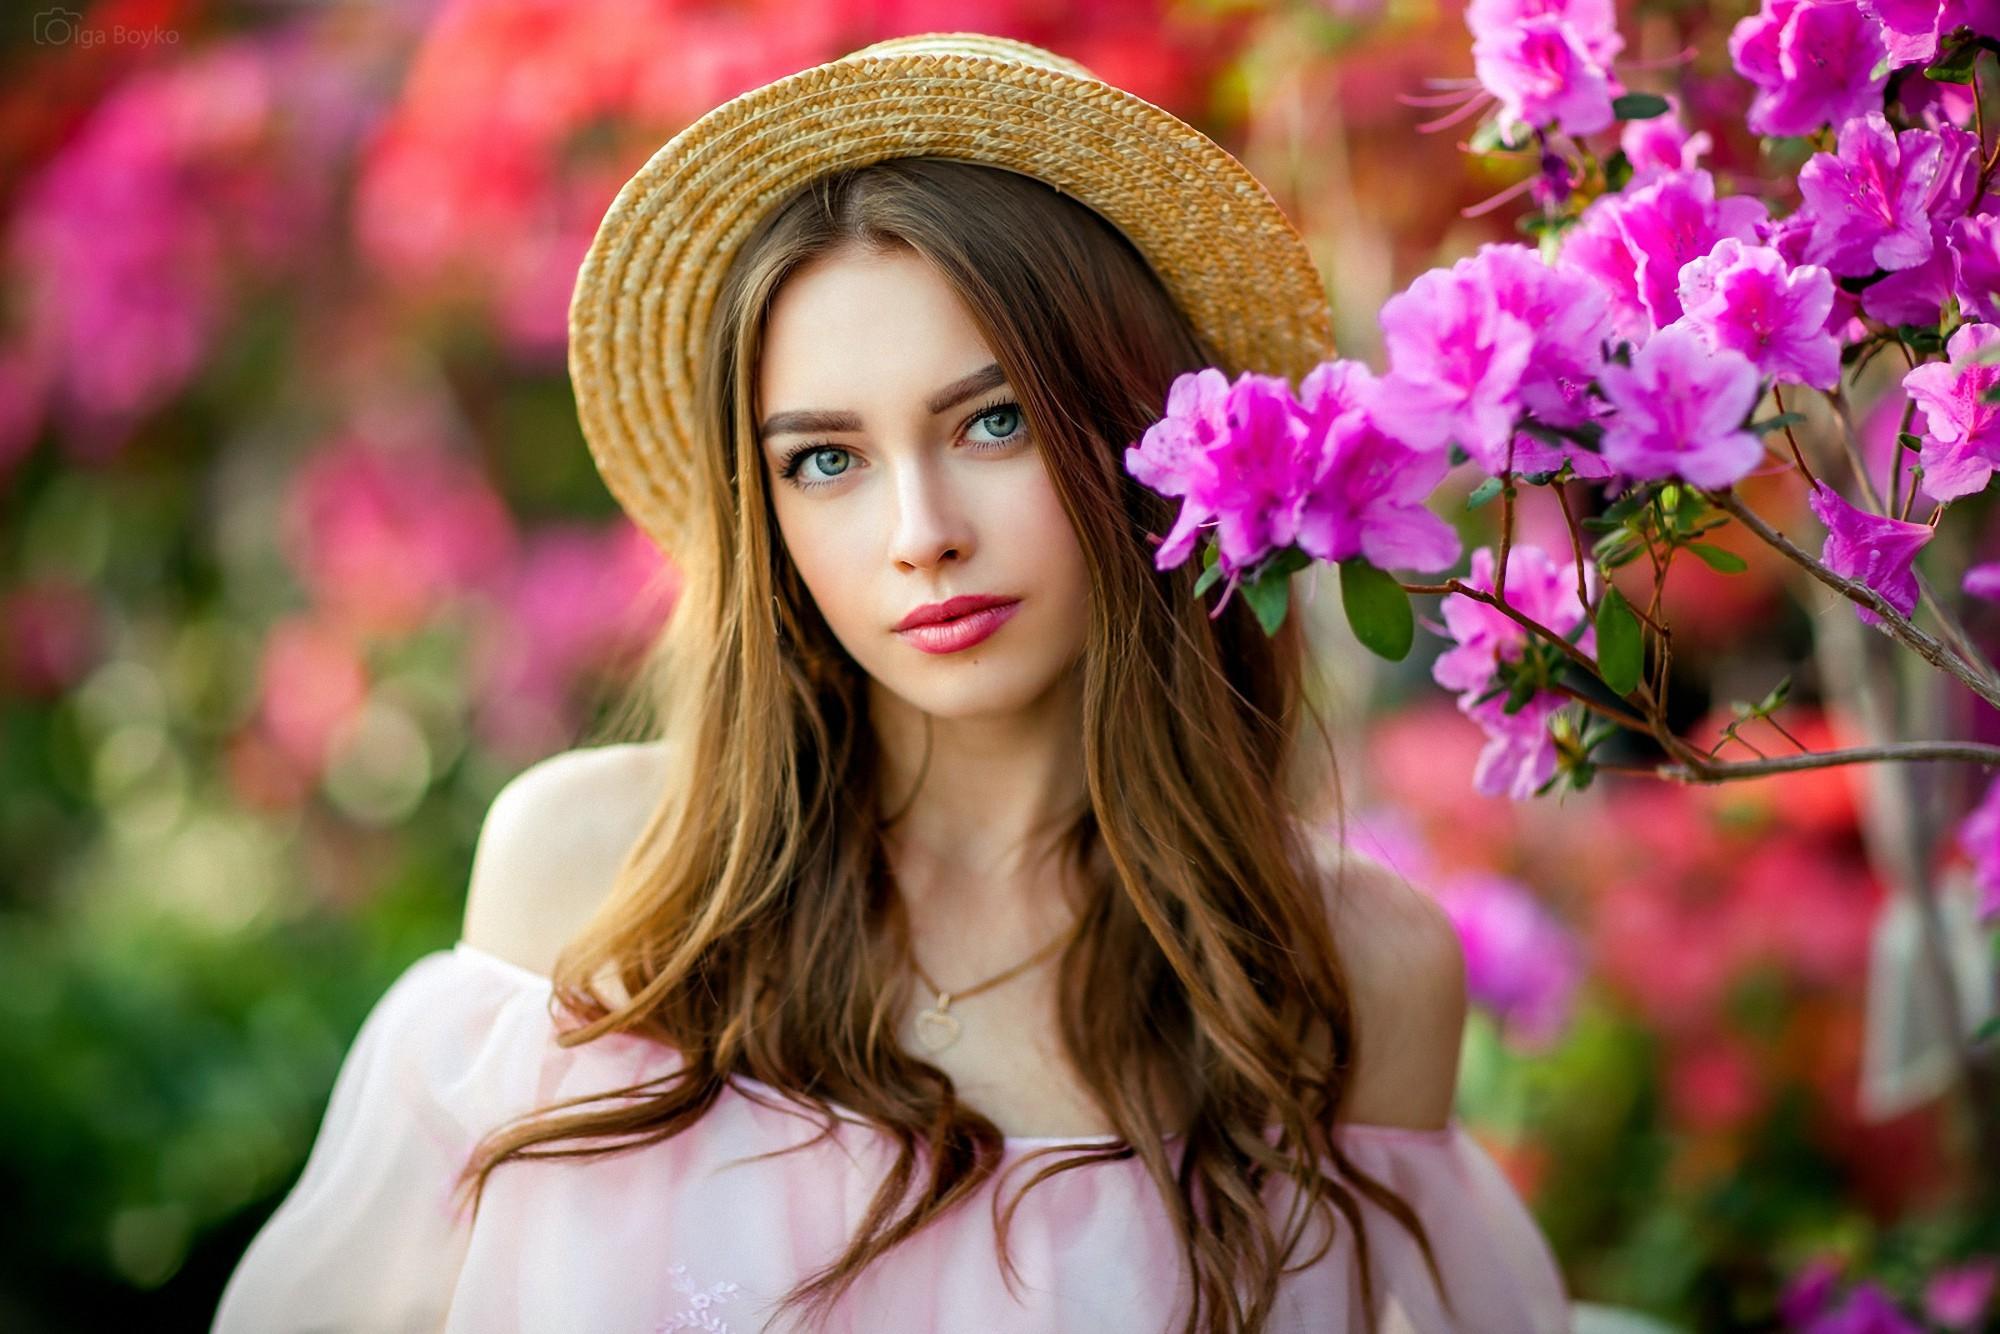 девушка взгляд шляпка красная лицо  № 1867506 без смс